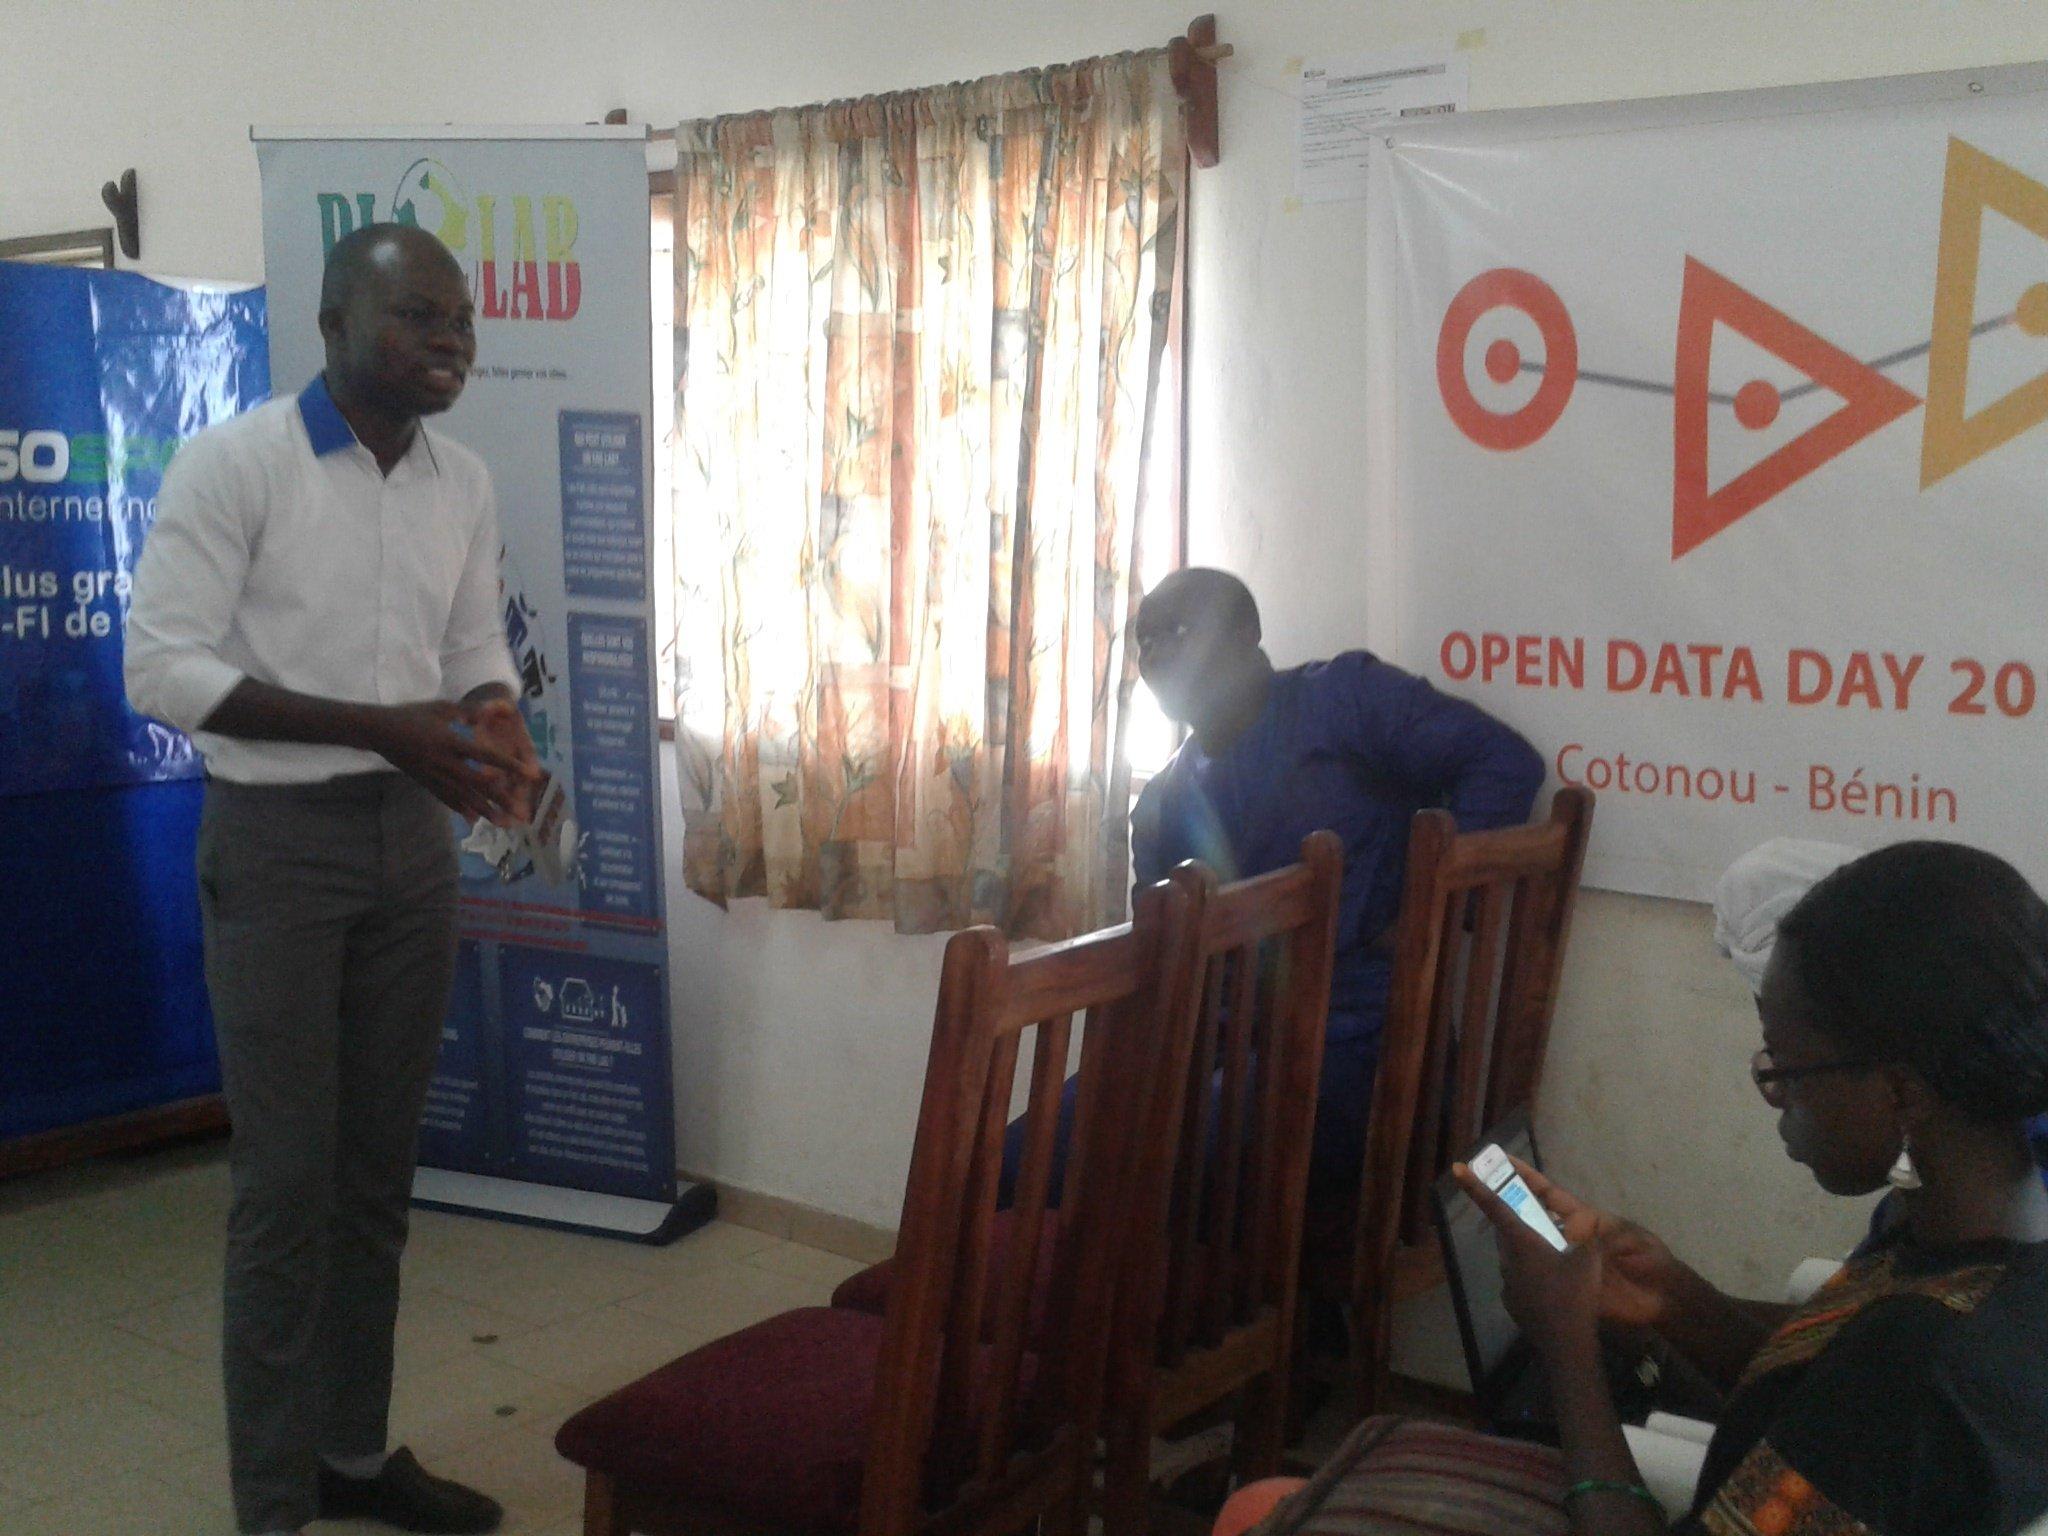 Présentation du chronogramme de ce #OpenDataDay  #Cotonou avec @seigla #wasexo #Team229 @blolab_cotonou @ab_benin https://t.co/cXqQrvlC23